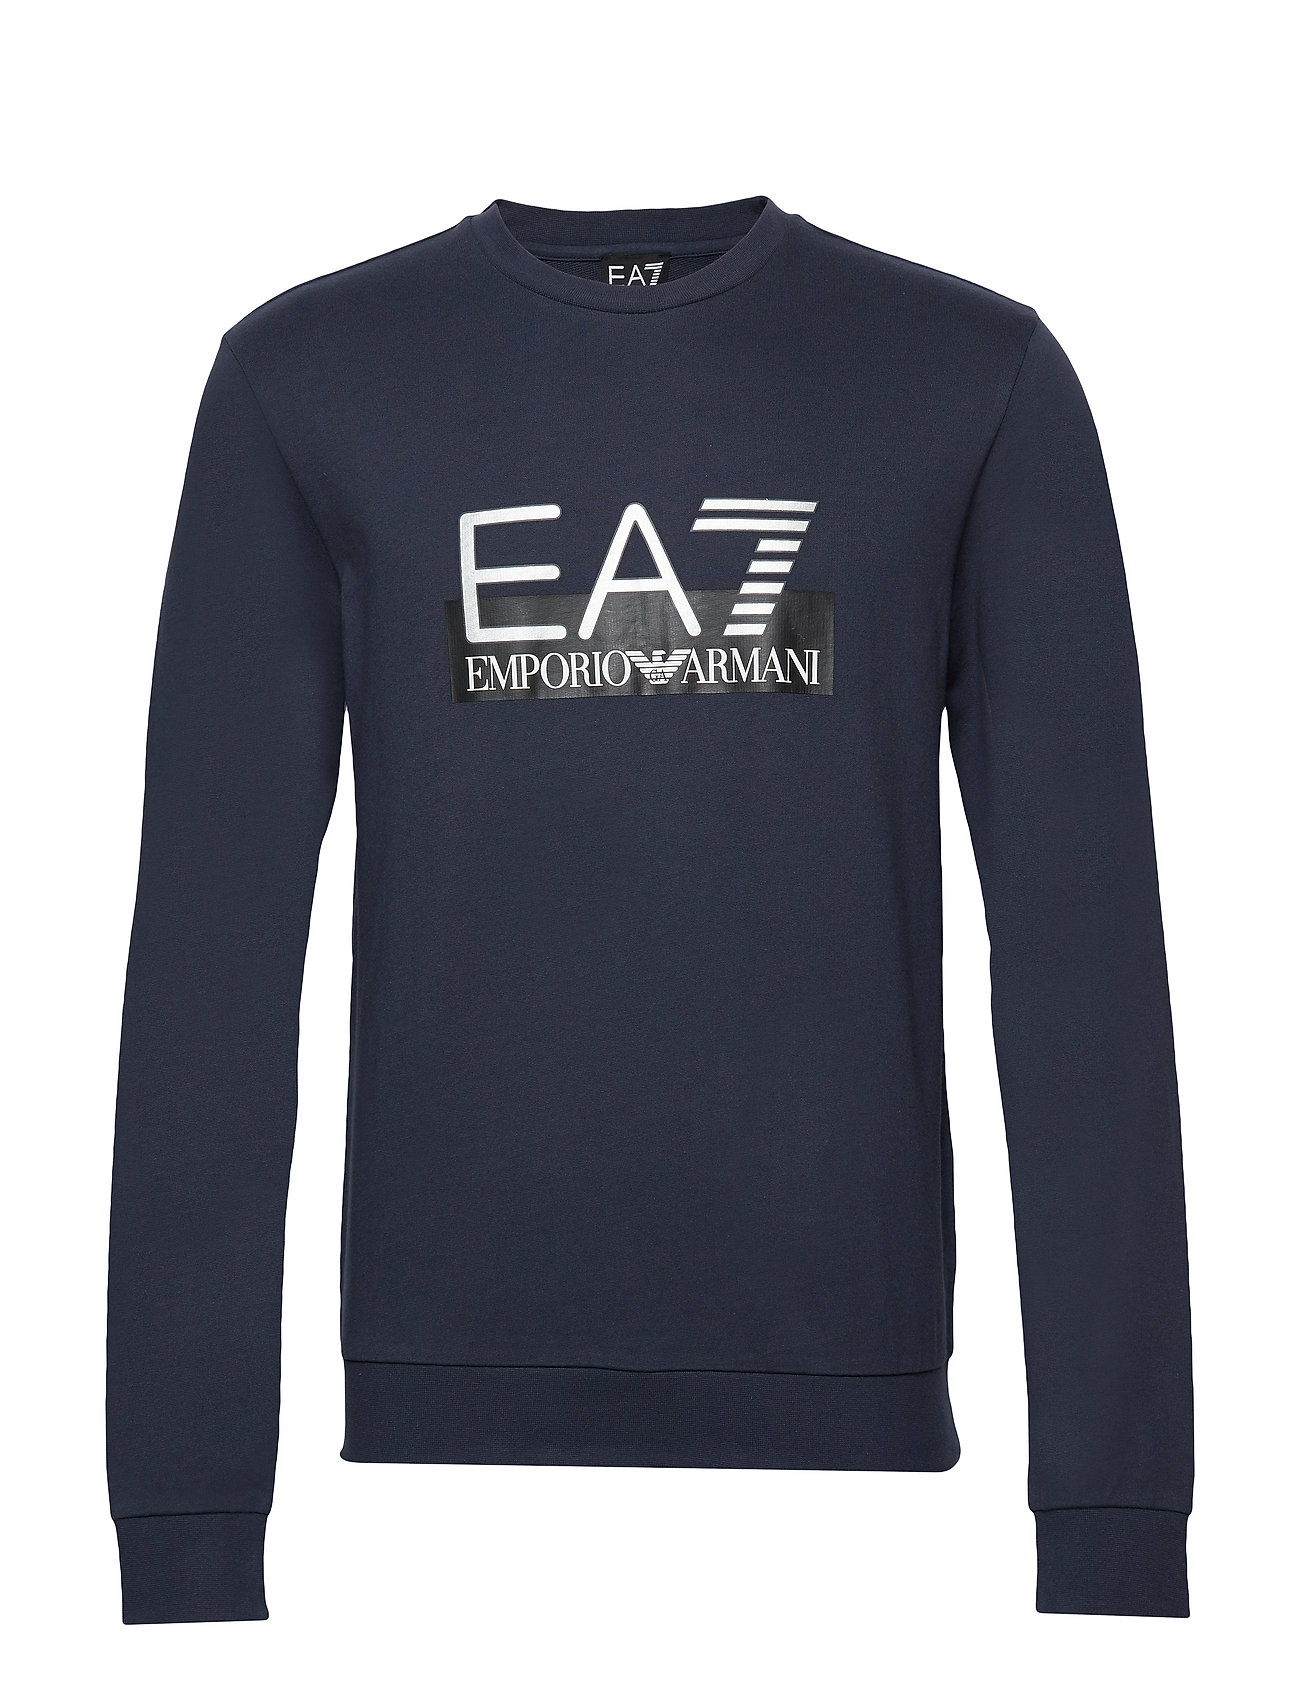 EA7 R/N SWEATSHIRT - NAVY BLUE